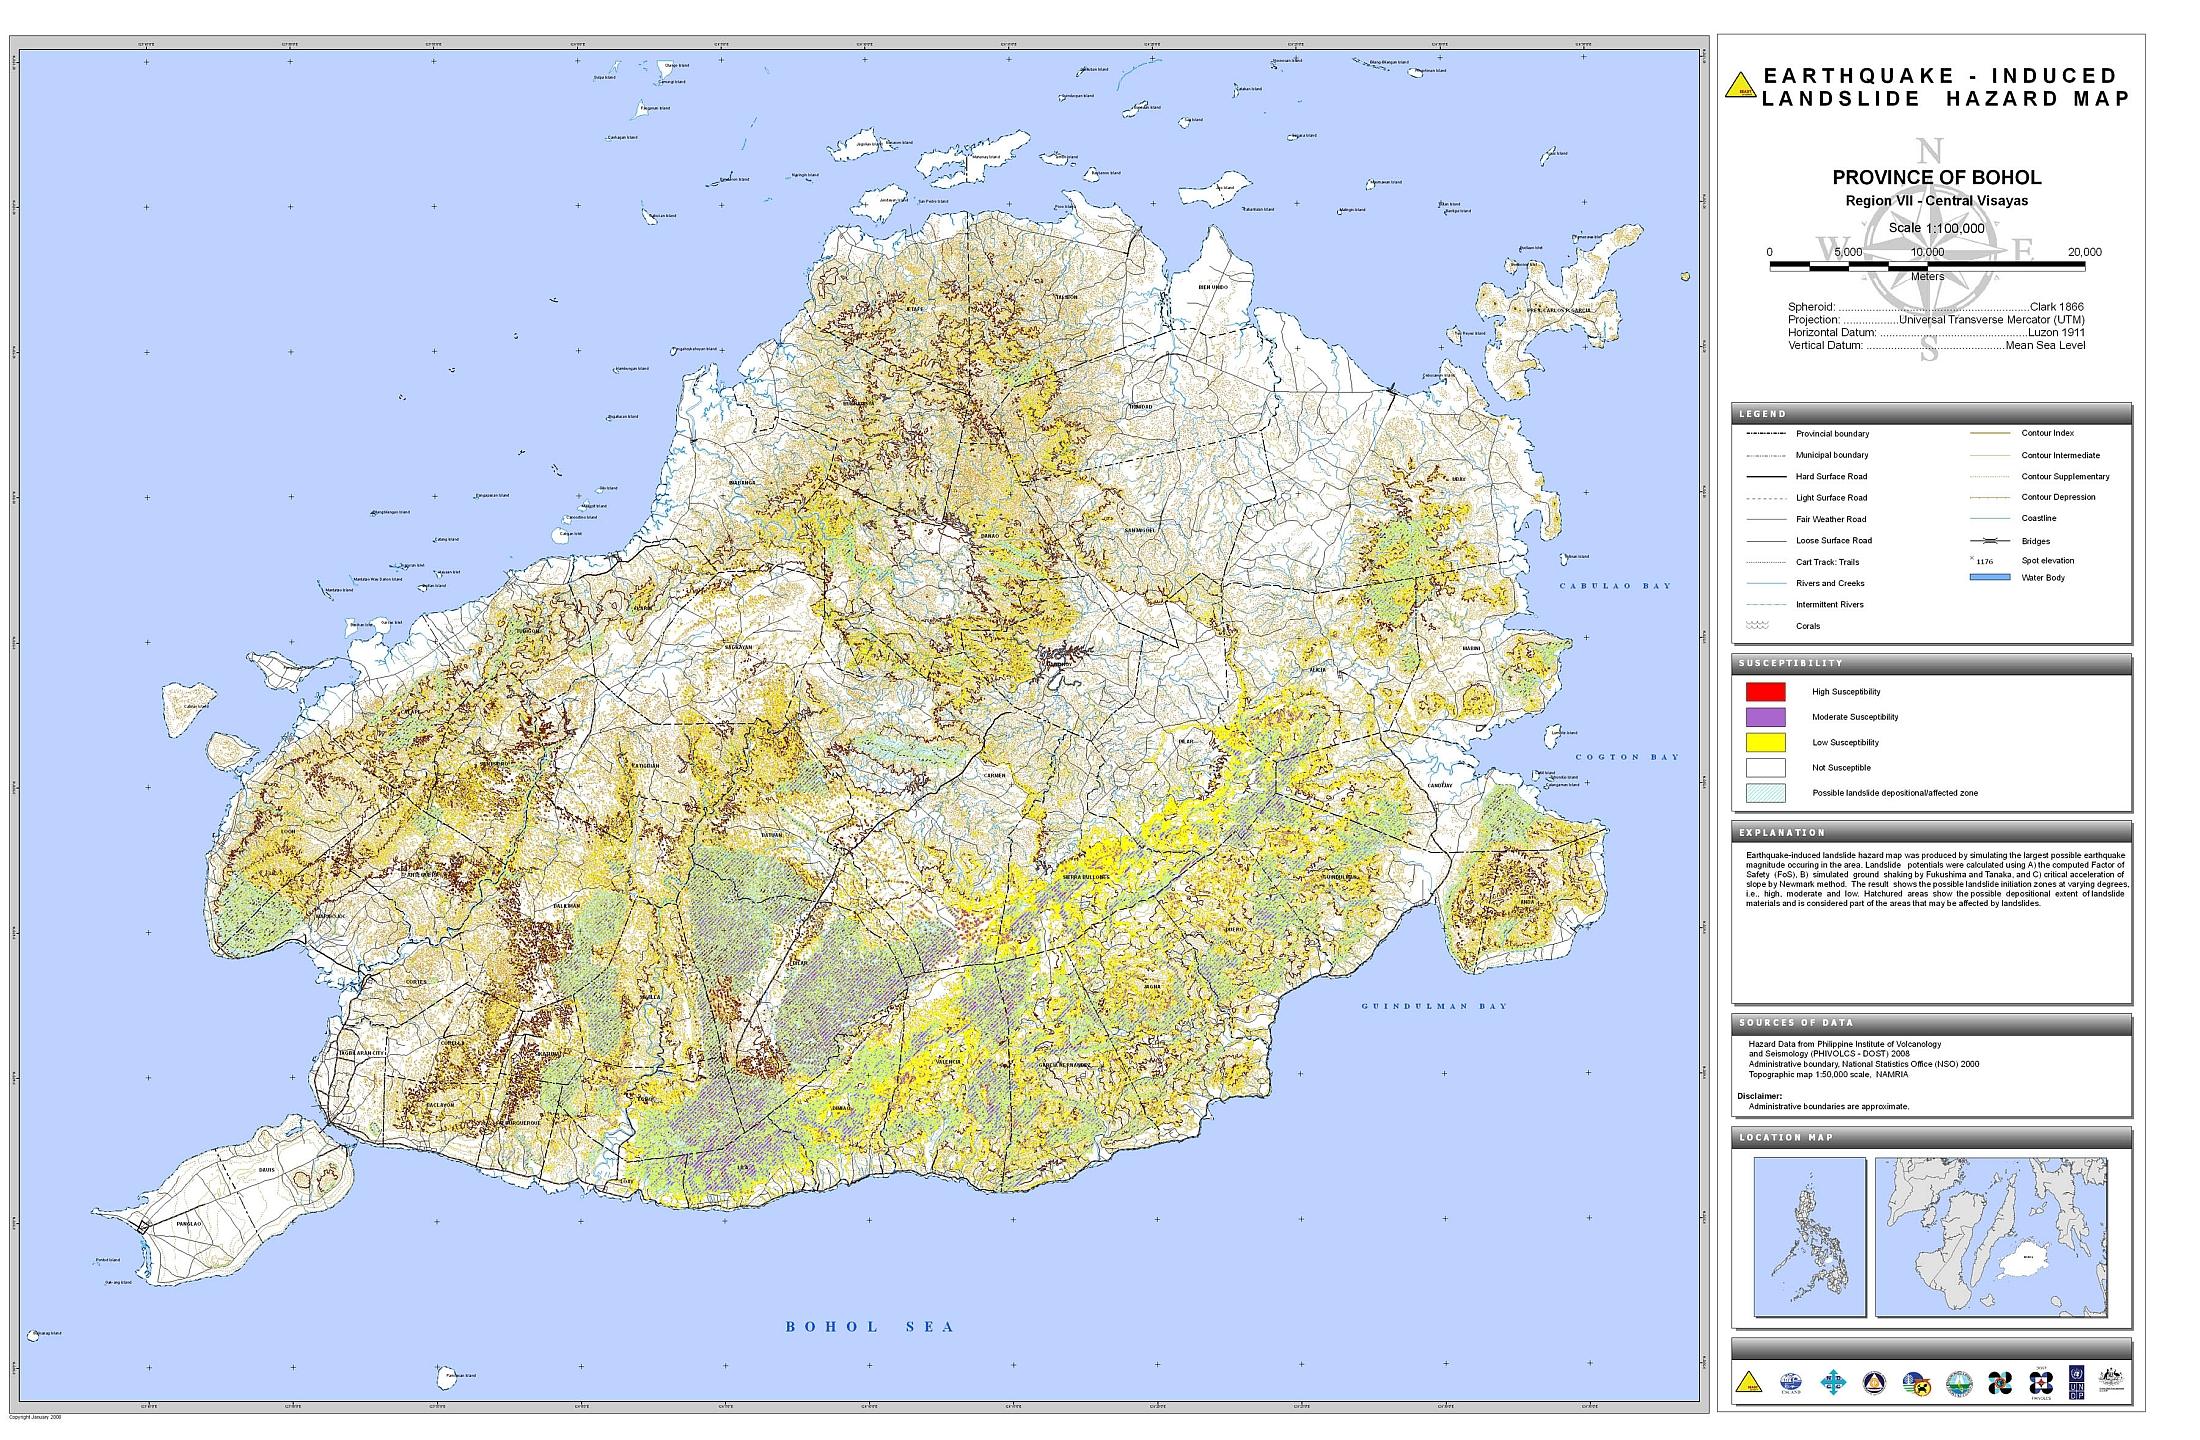 Bohol Earthquake-Induced Landslide Hazard Map